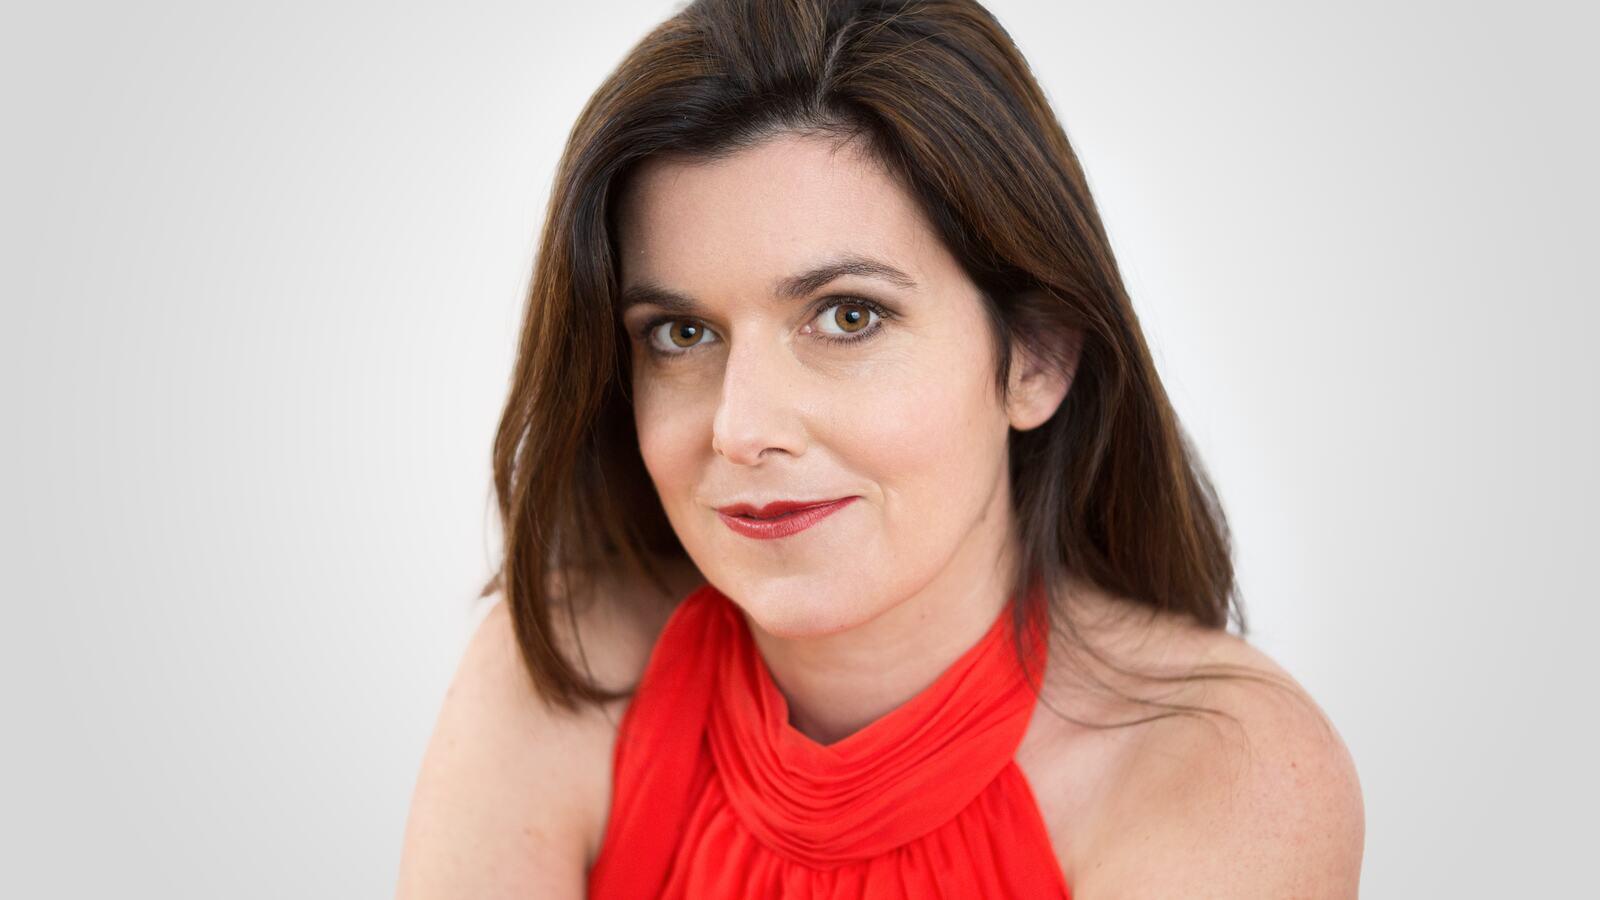 Victoria Simmonds, mezzo soprano